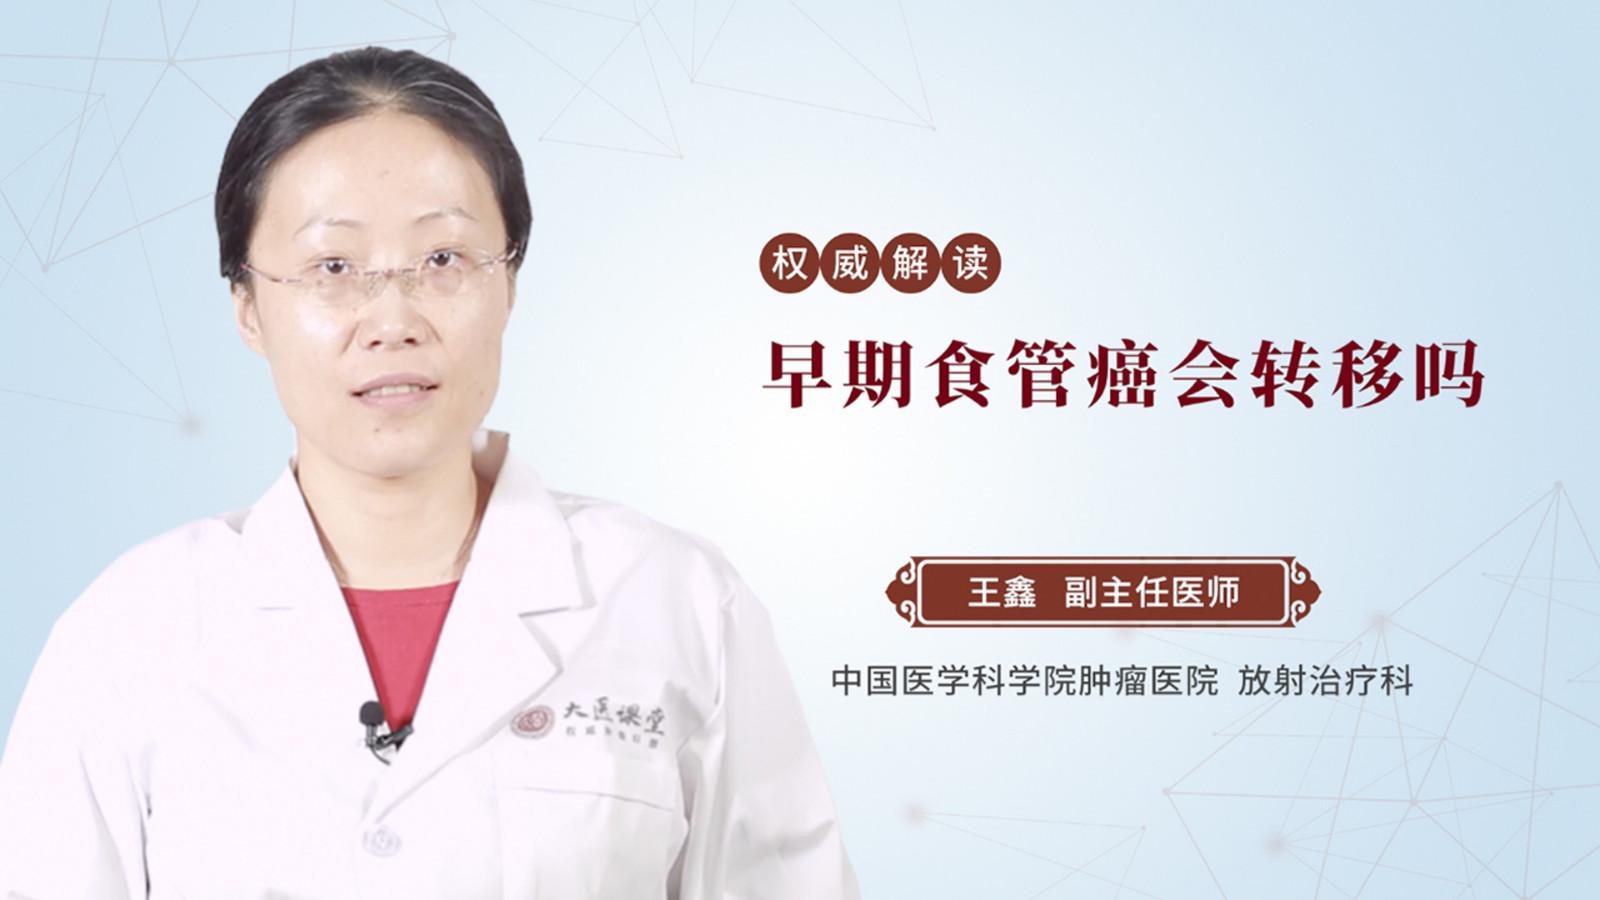 早期食管癌会转移吗